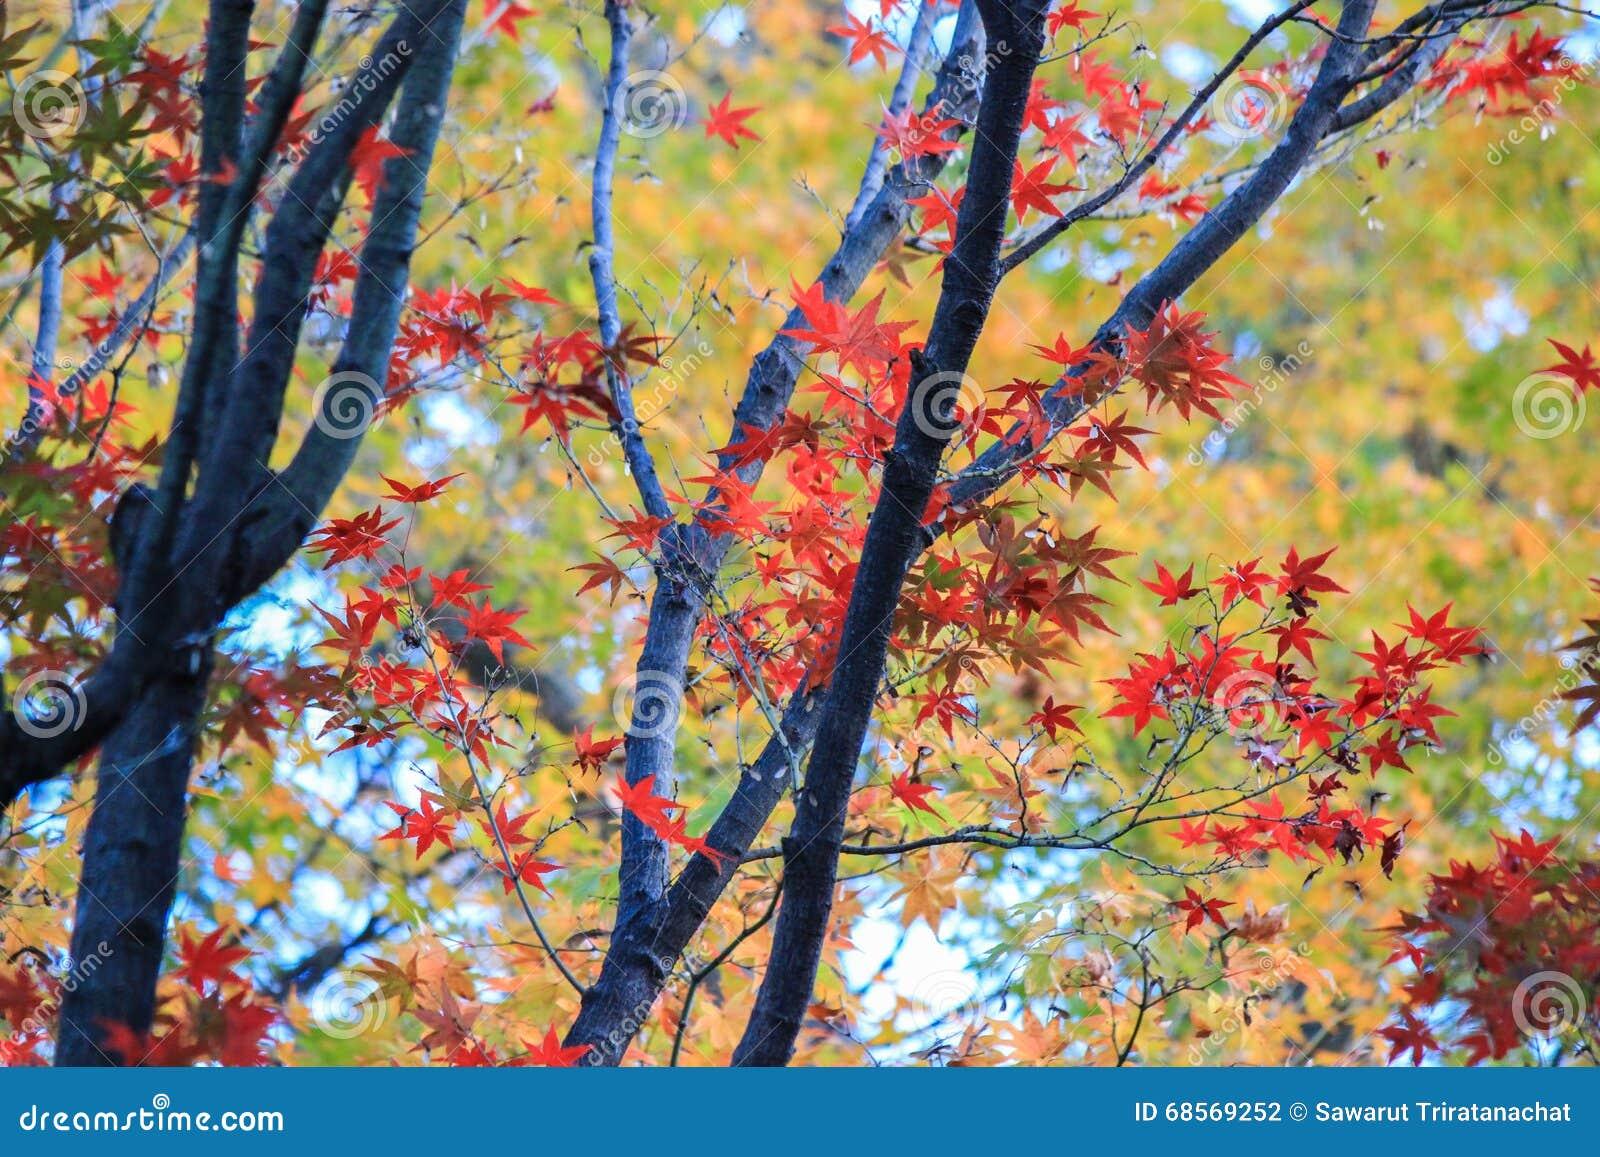 Ζωηρόχρωμα δέντρα στην περίοδο φθινοπώρου